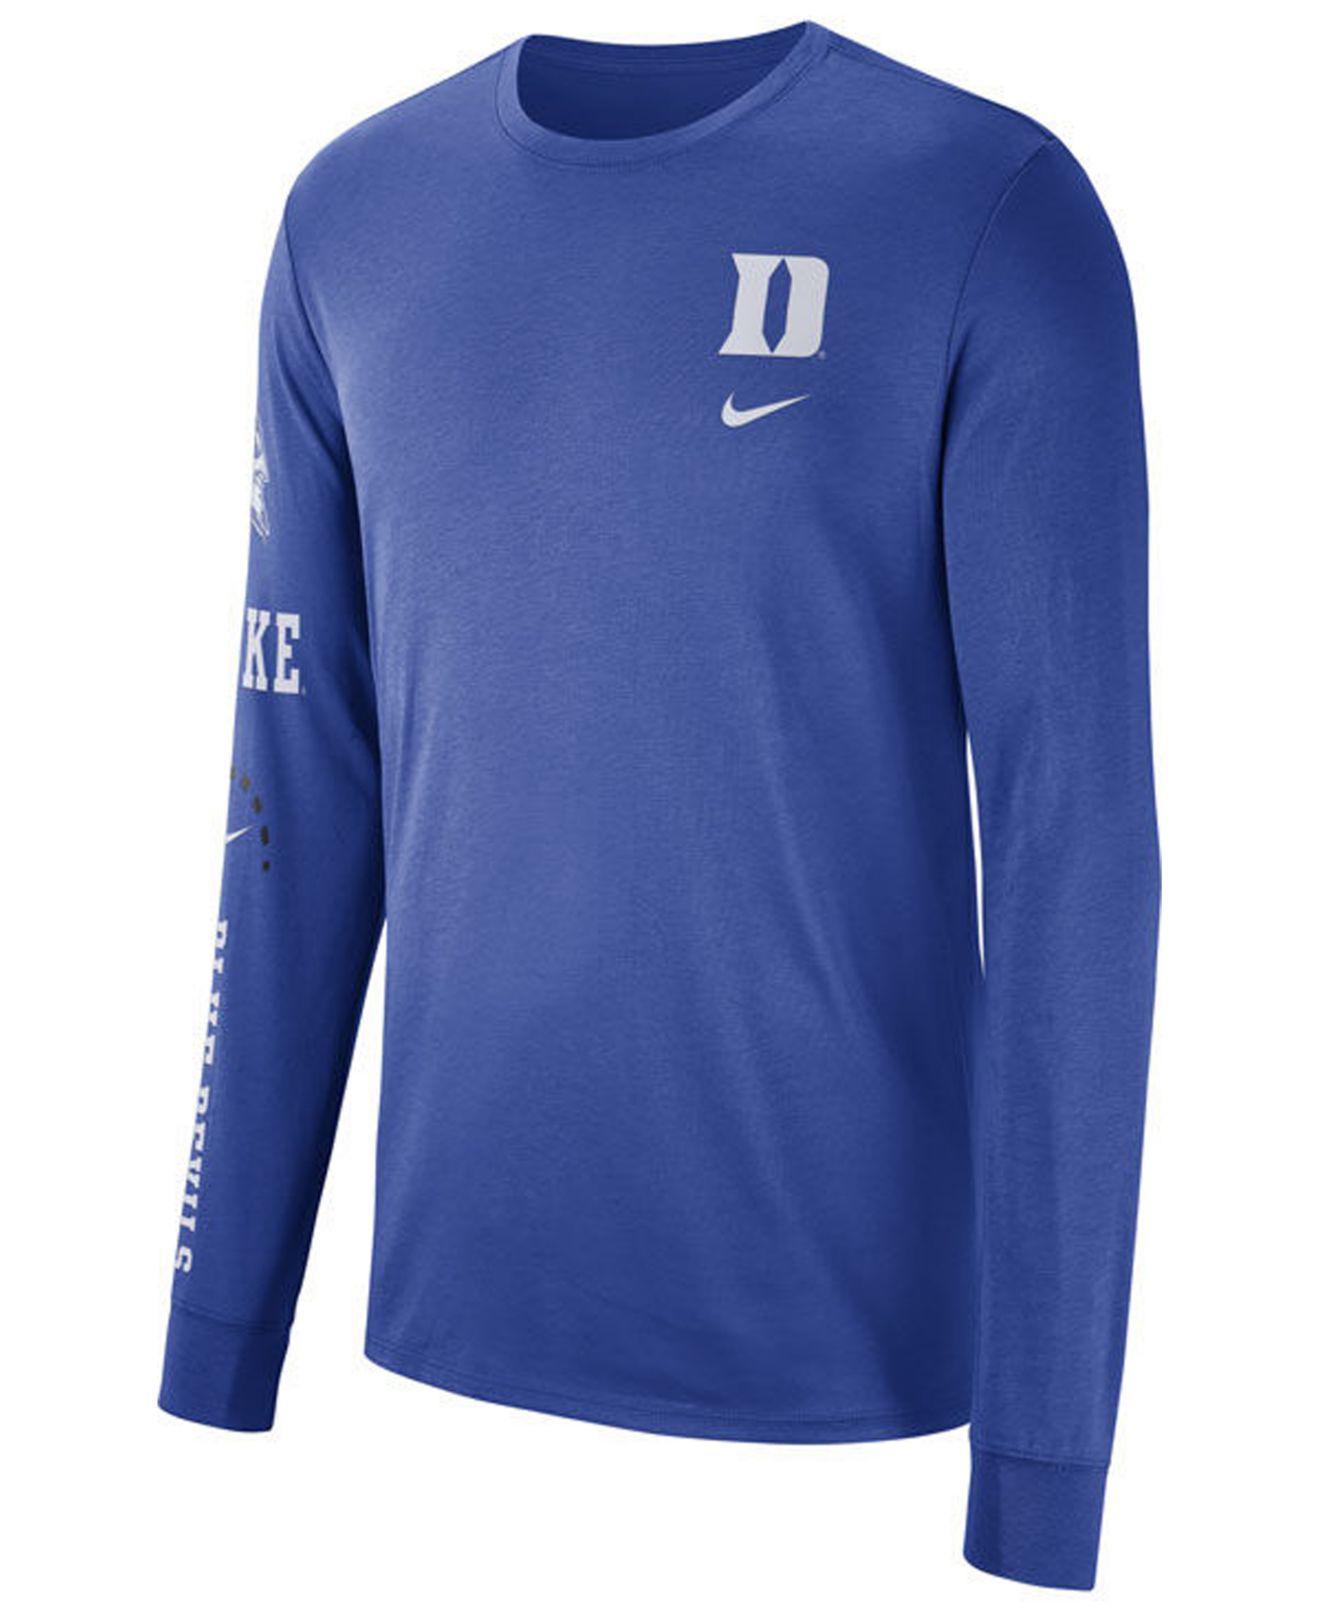 492d628b Lyst - Nike Duke Blue Devils Long Sleeve Basketball T-shirt in Blue ...